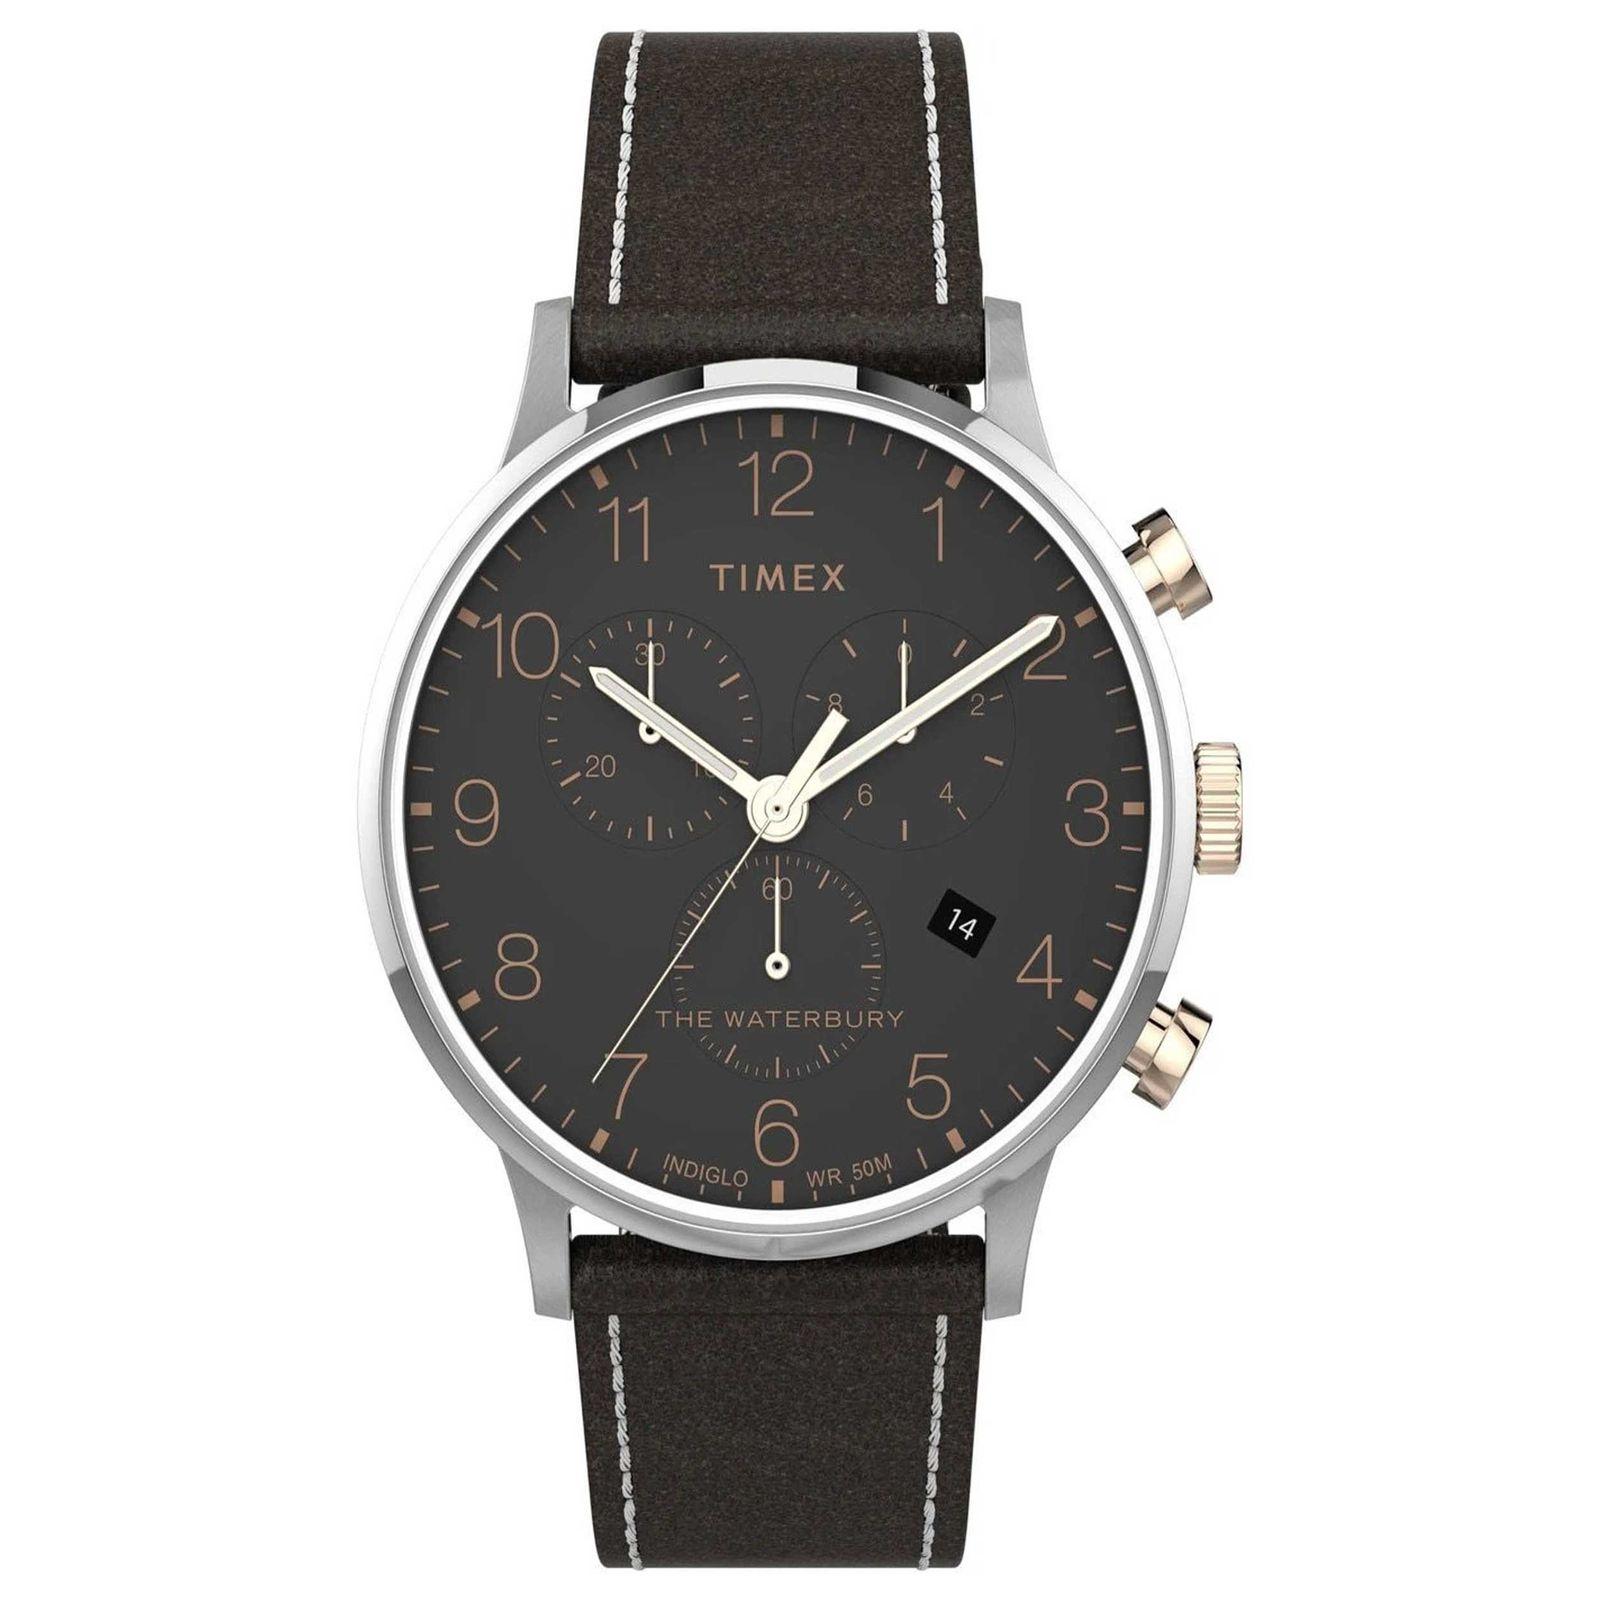 ساعت مچی عقربه ای مردانه تایمکس مدل TW2T71500 -  - 2